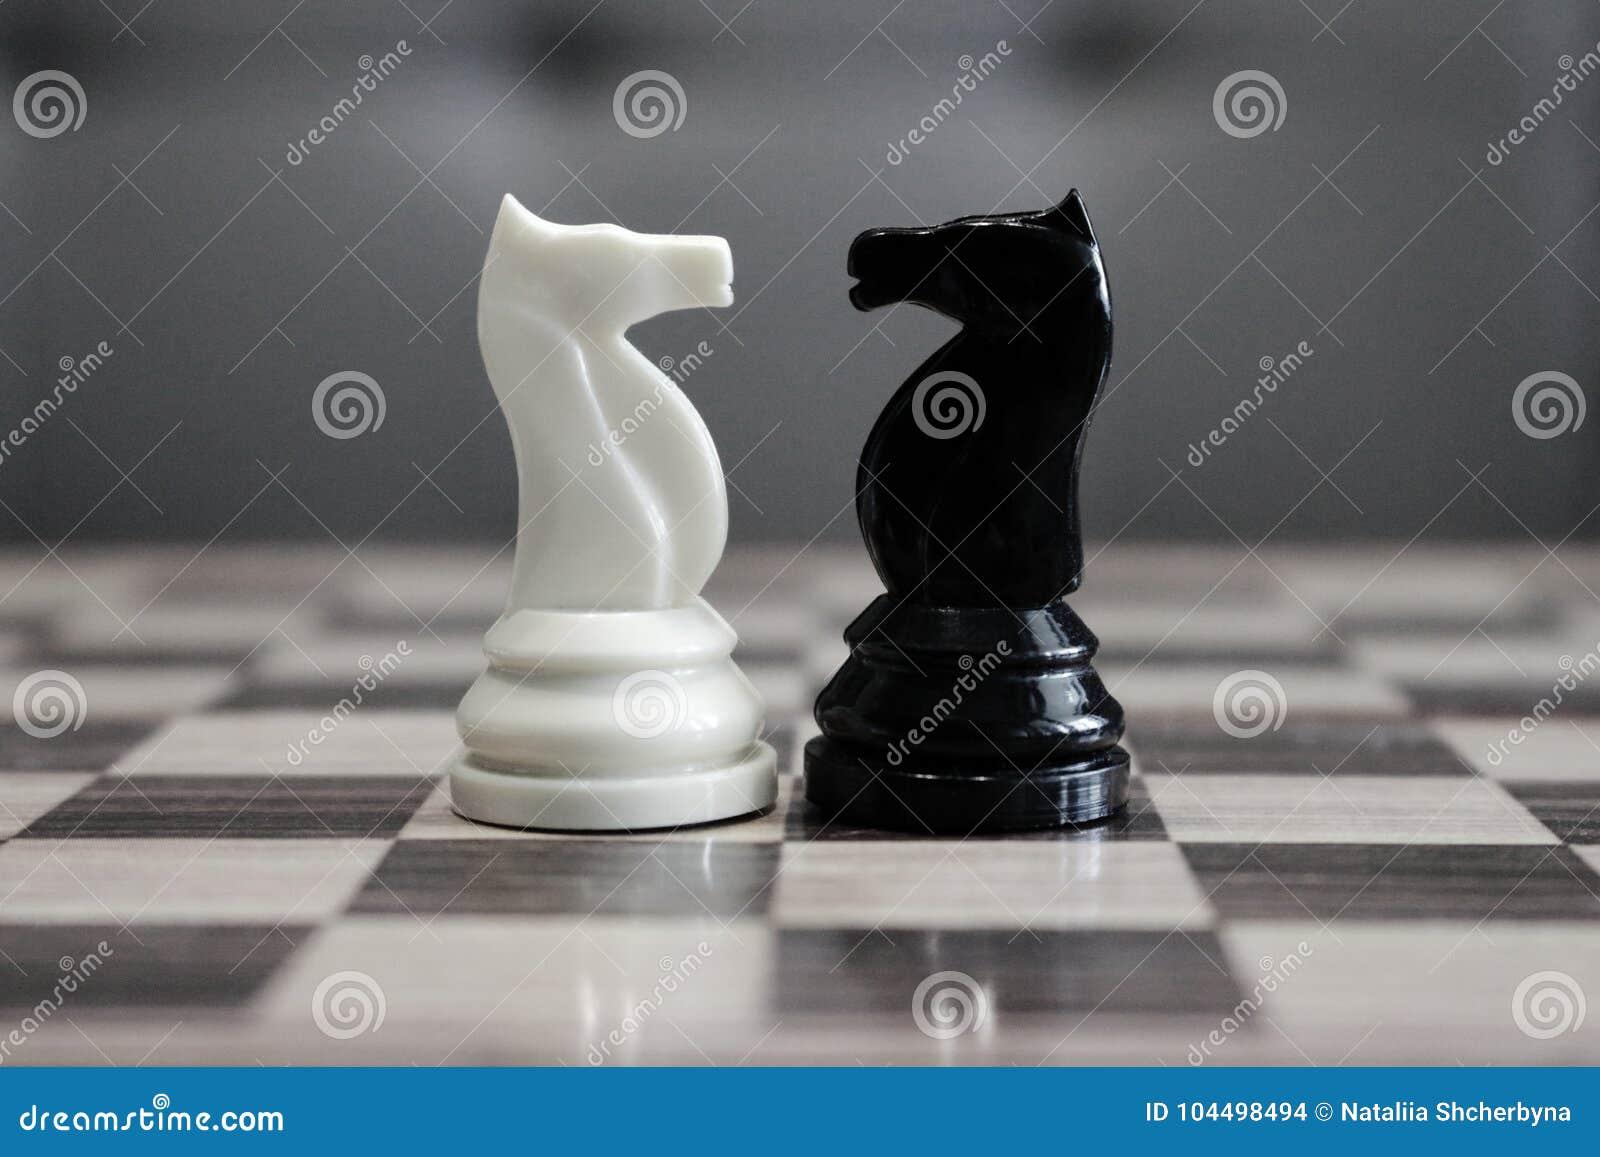 Schwarzweiss-Schachpferde vor einander als Herausforderungs- und Wettbewerbskonzept